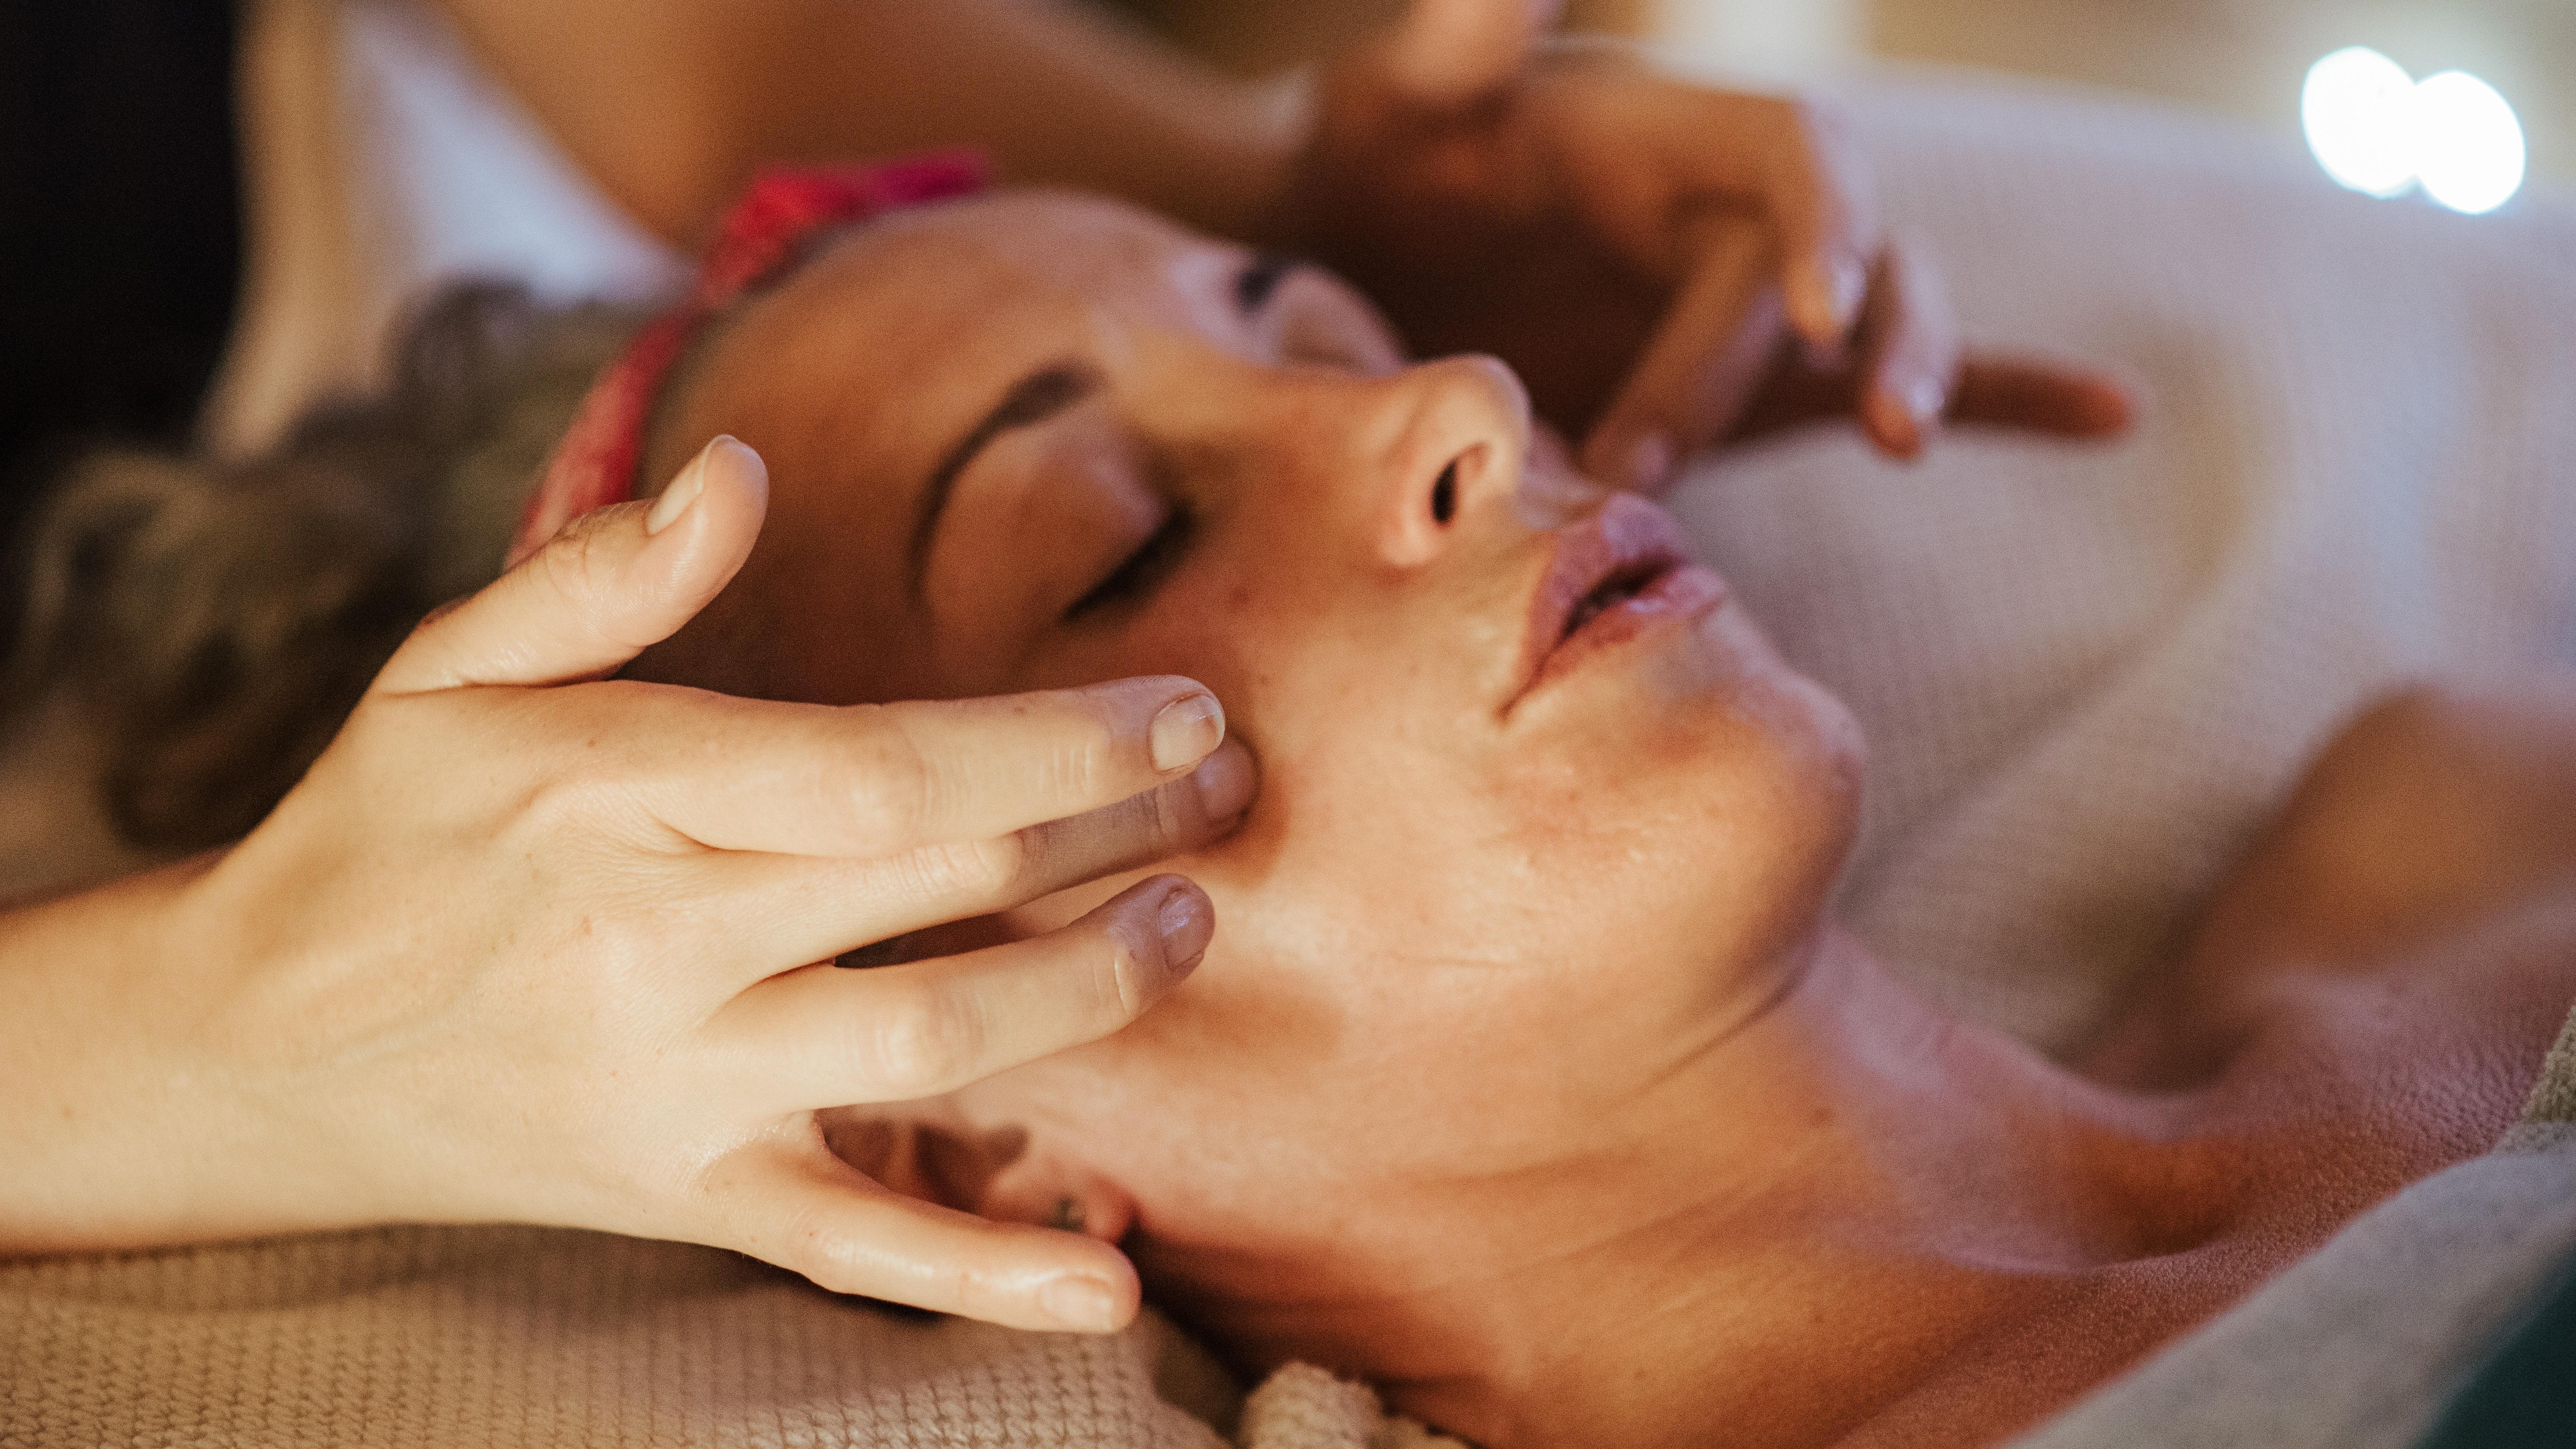 Bei einem geschwollenen Gesicht kann eine Gesichtsmassage helfen.